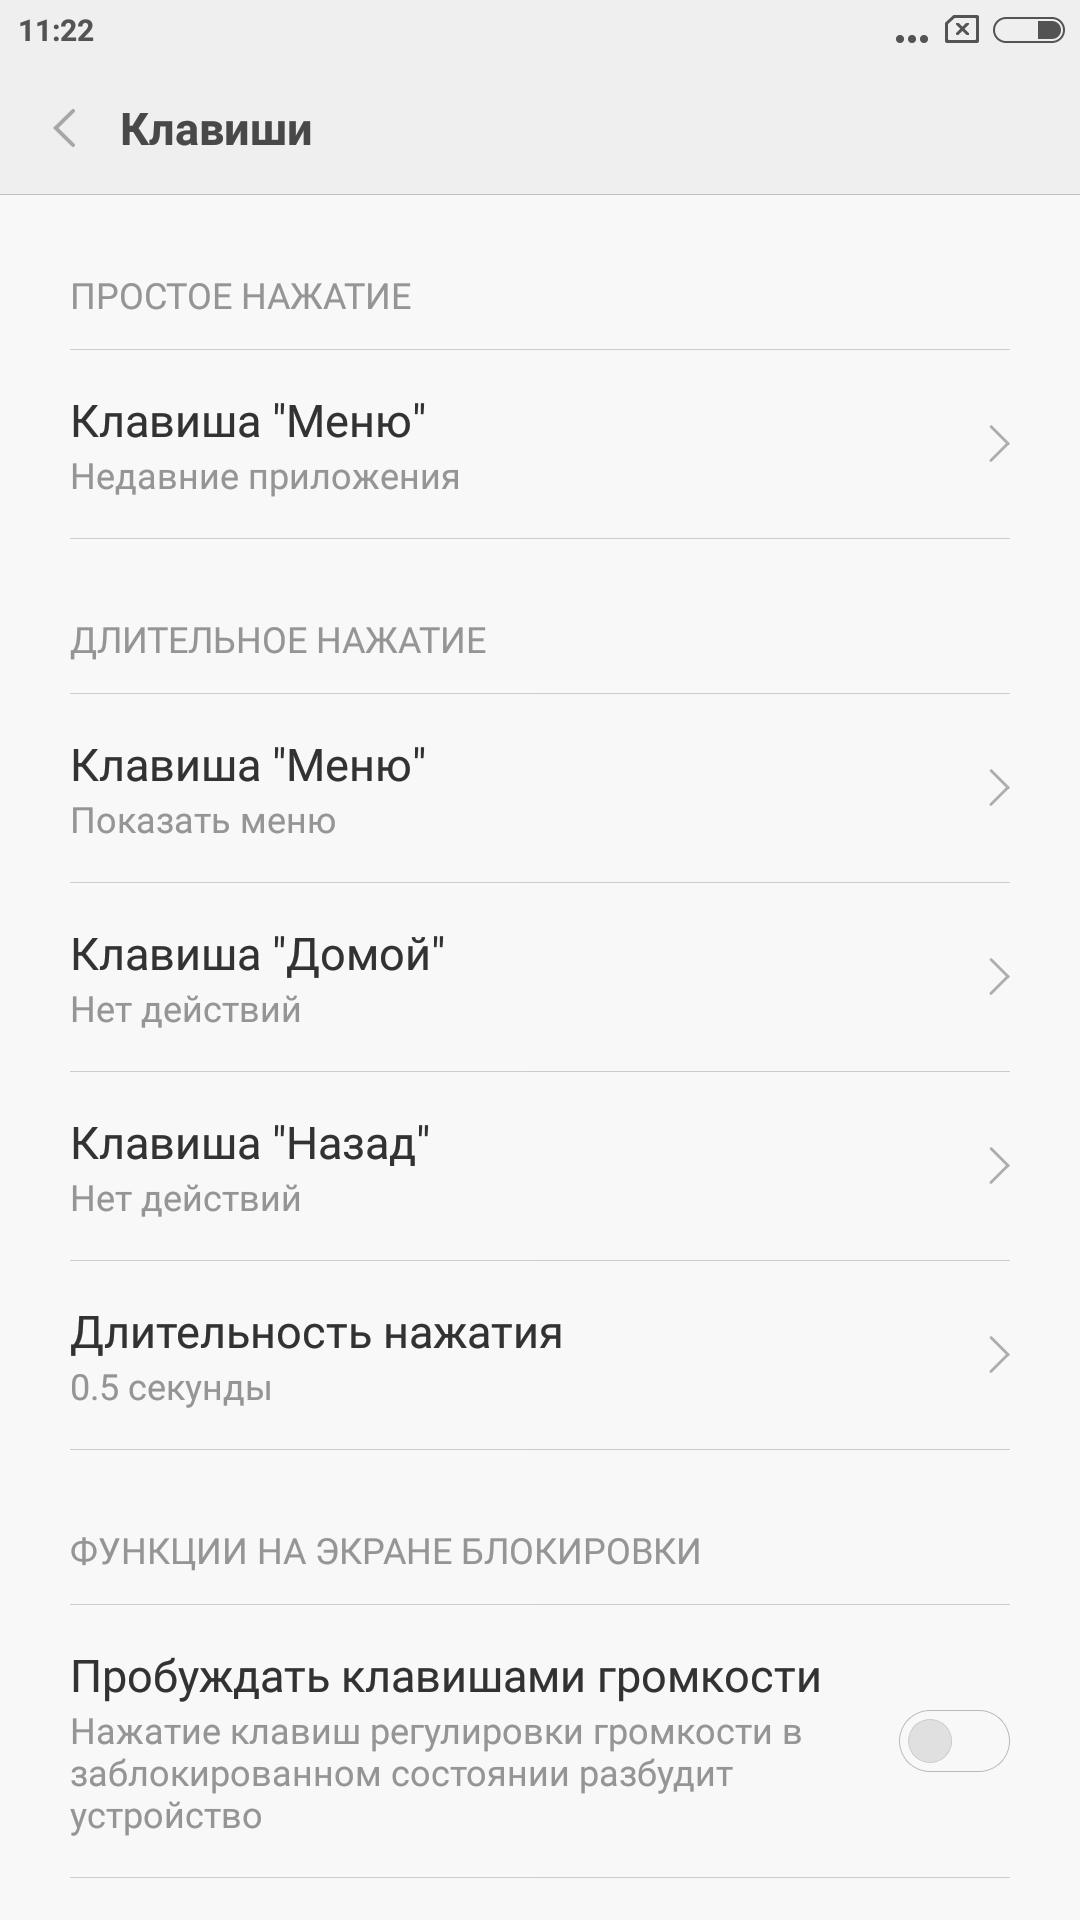 Обзор лучшего бюджетника 2015 года — Xiaomi Redmi Note 2 - 28